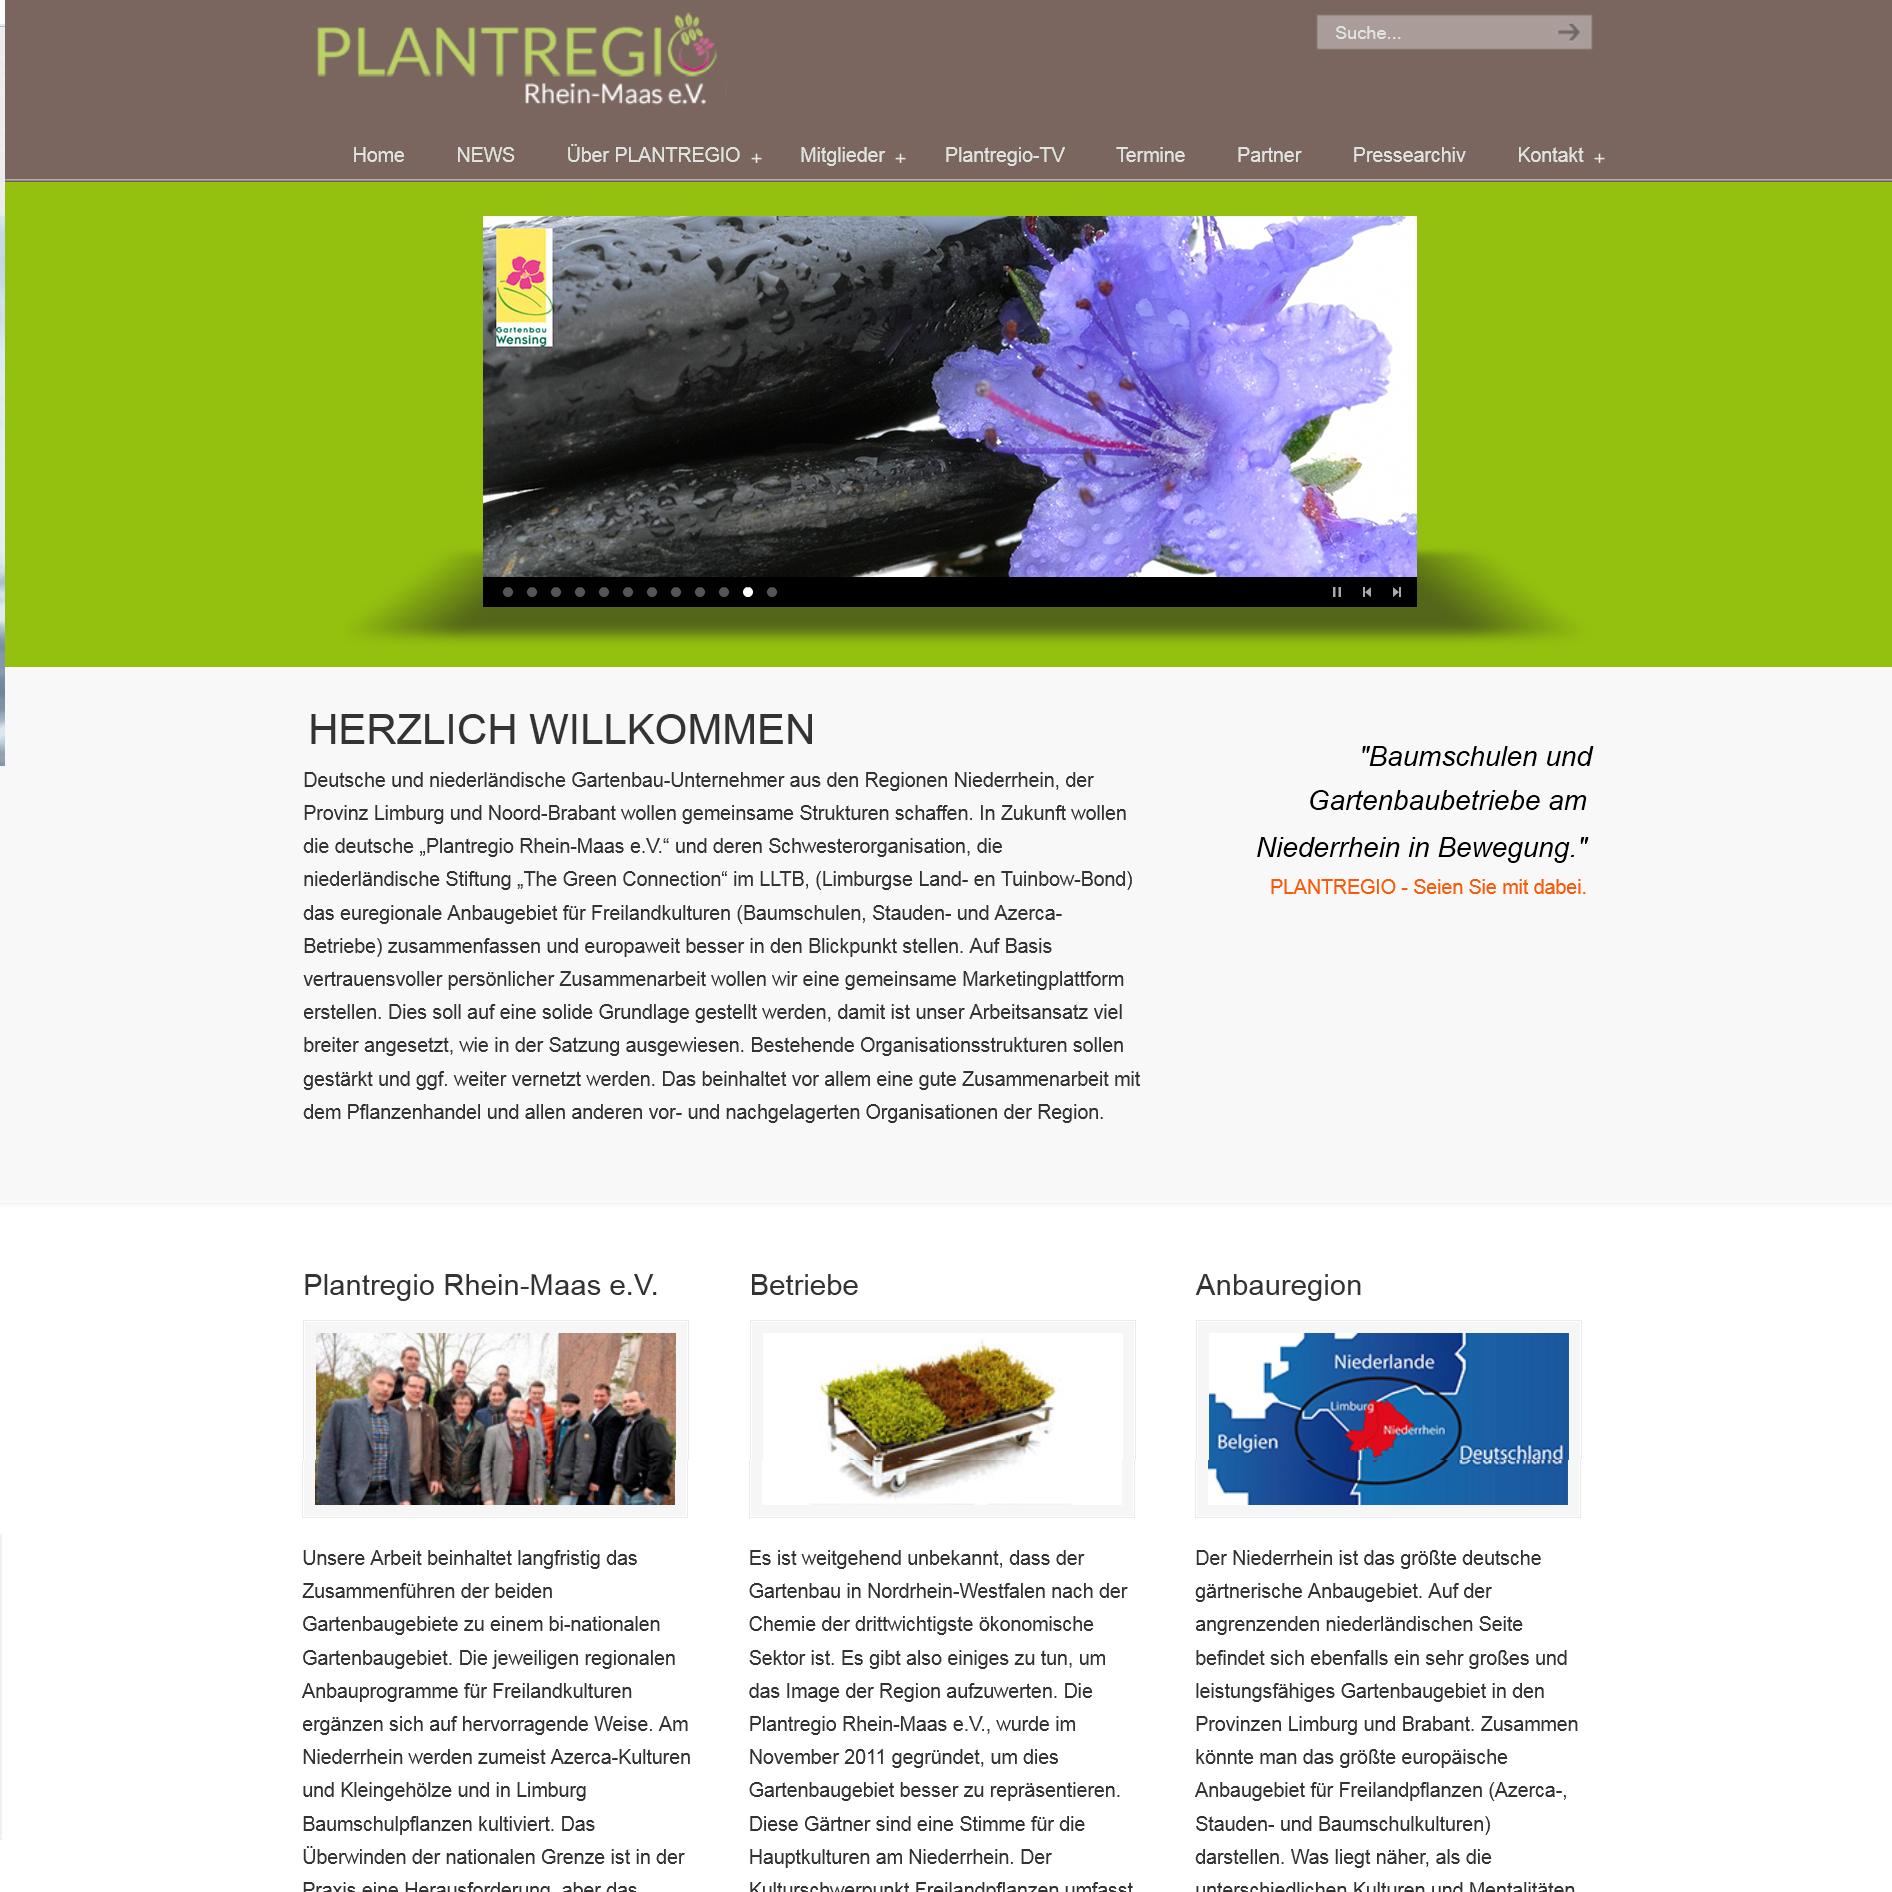 Plantregio